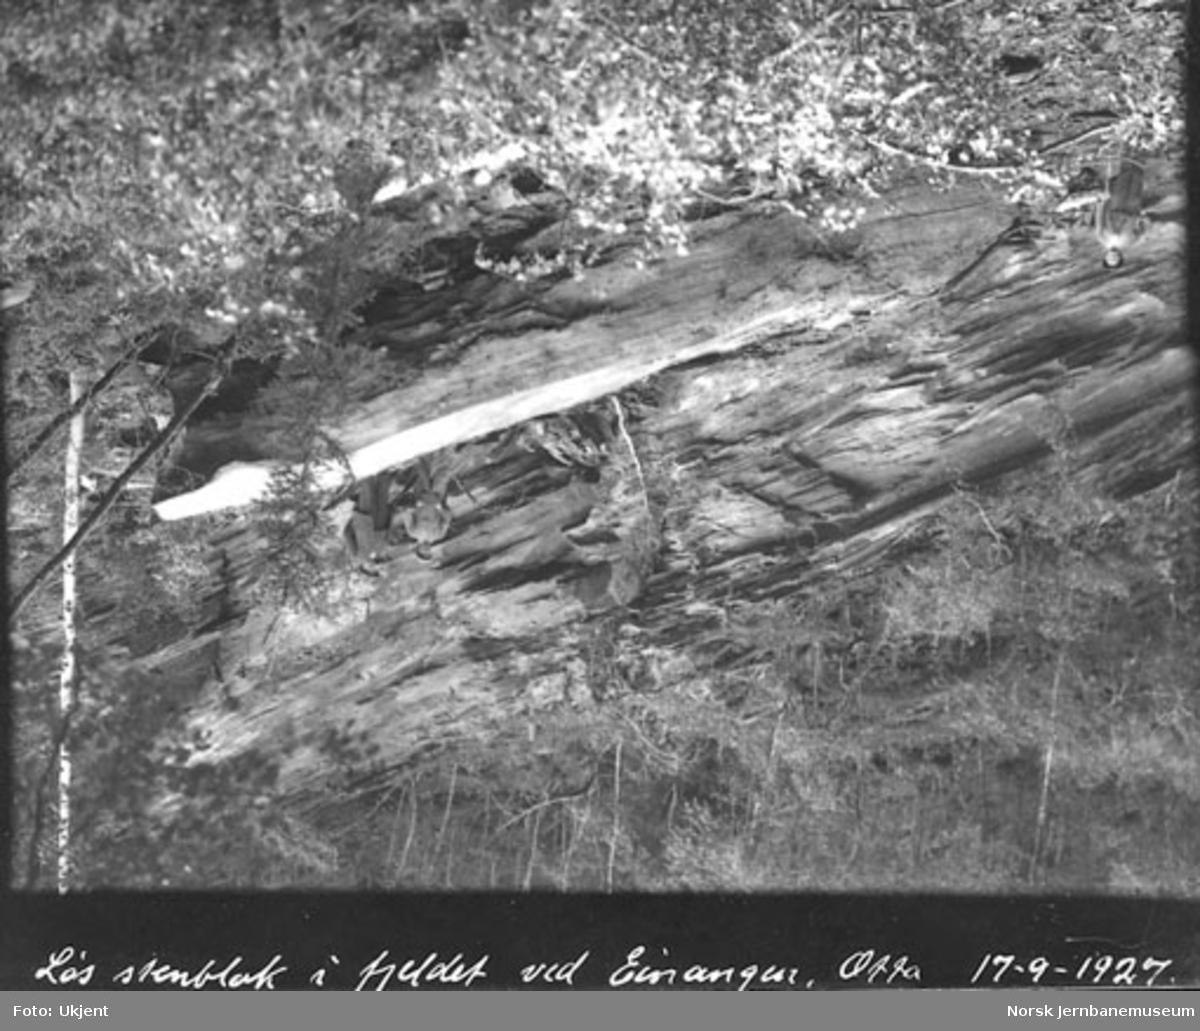 Steinblokk i fjellet ved Einangen